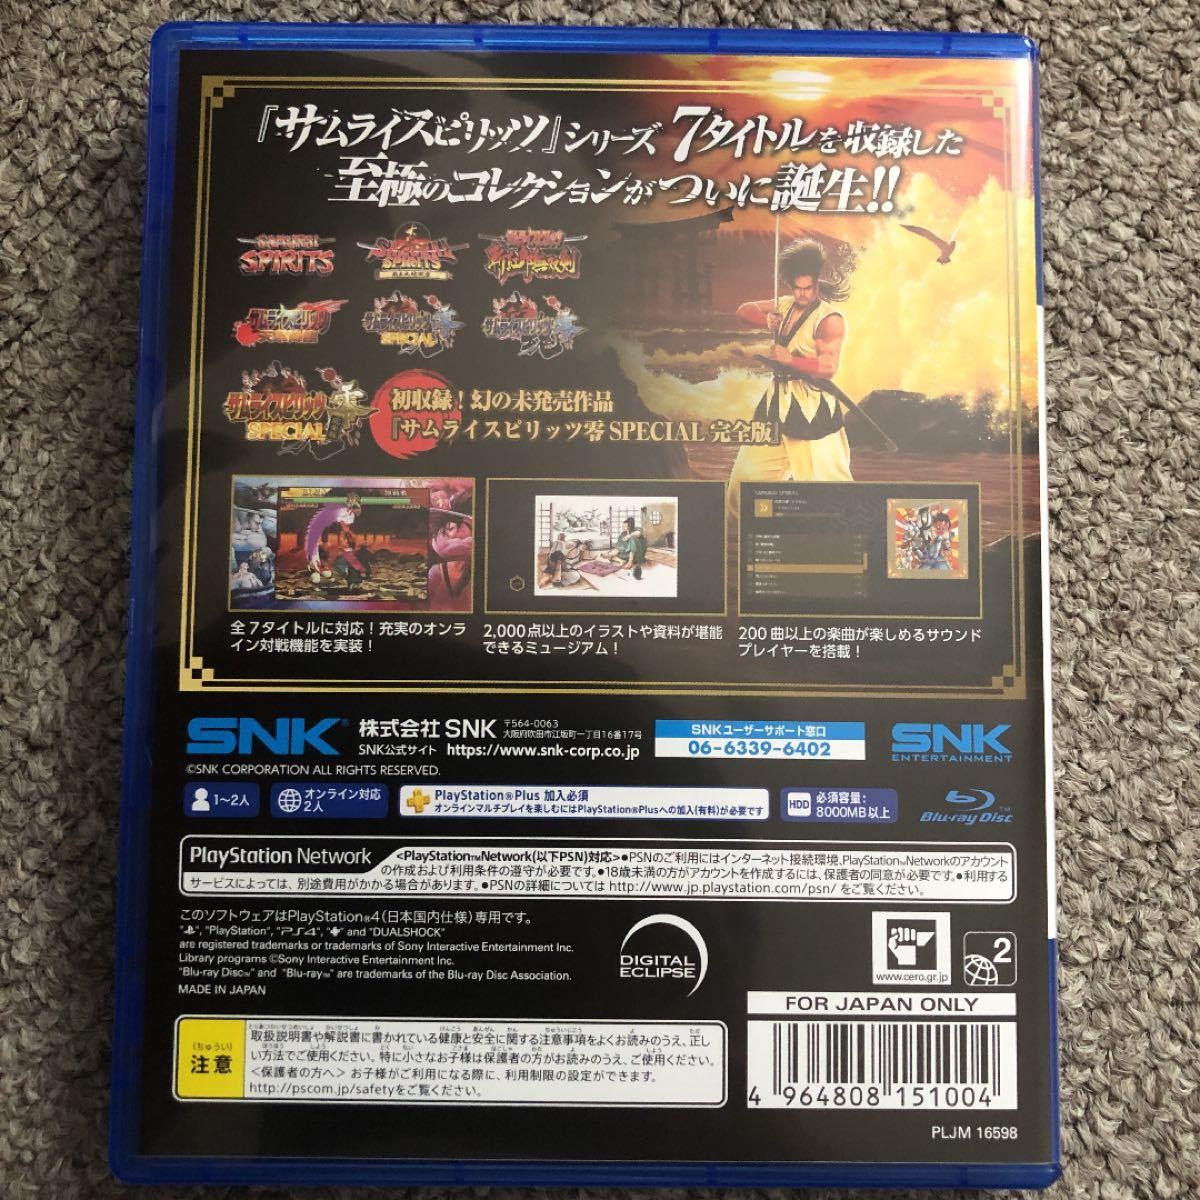 【PS4】 サムライスピリッツ ネオジオコレクション [通常版] ポストカード付き